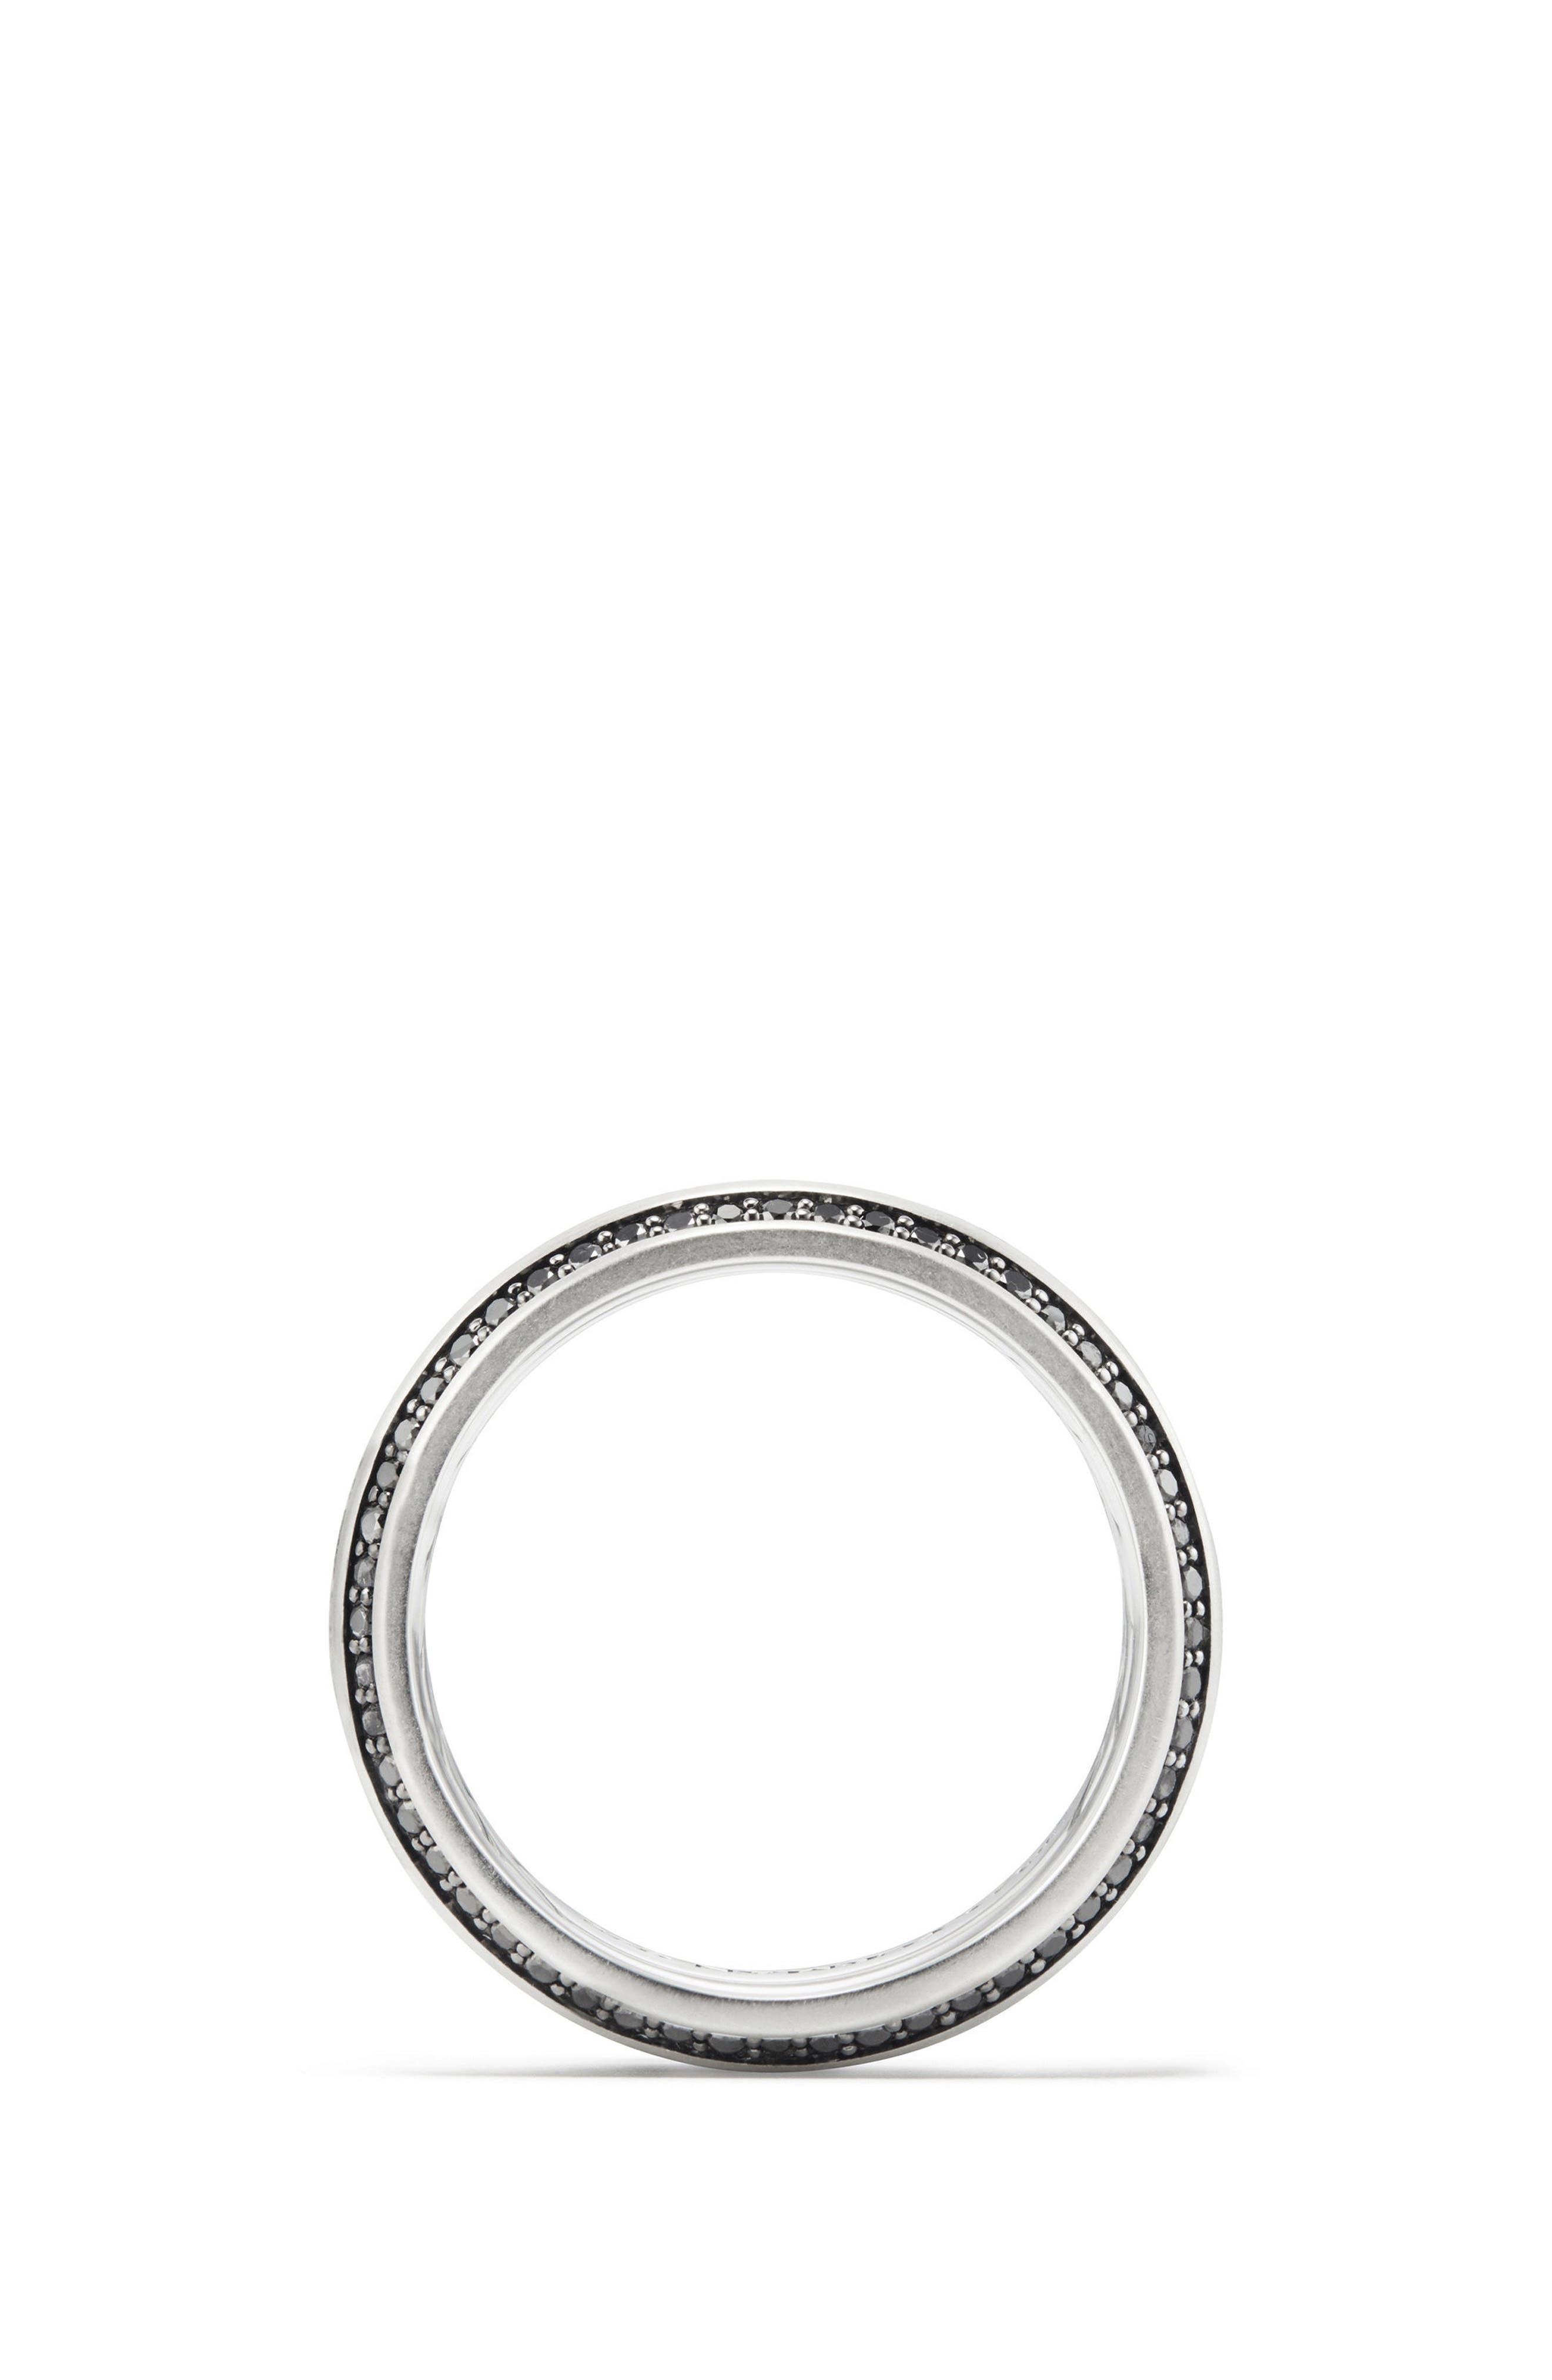 Streamline Beveled Edge Band Ring,                             Alternate thumbnail 2, color,                             BLACK DIAMOND